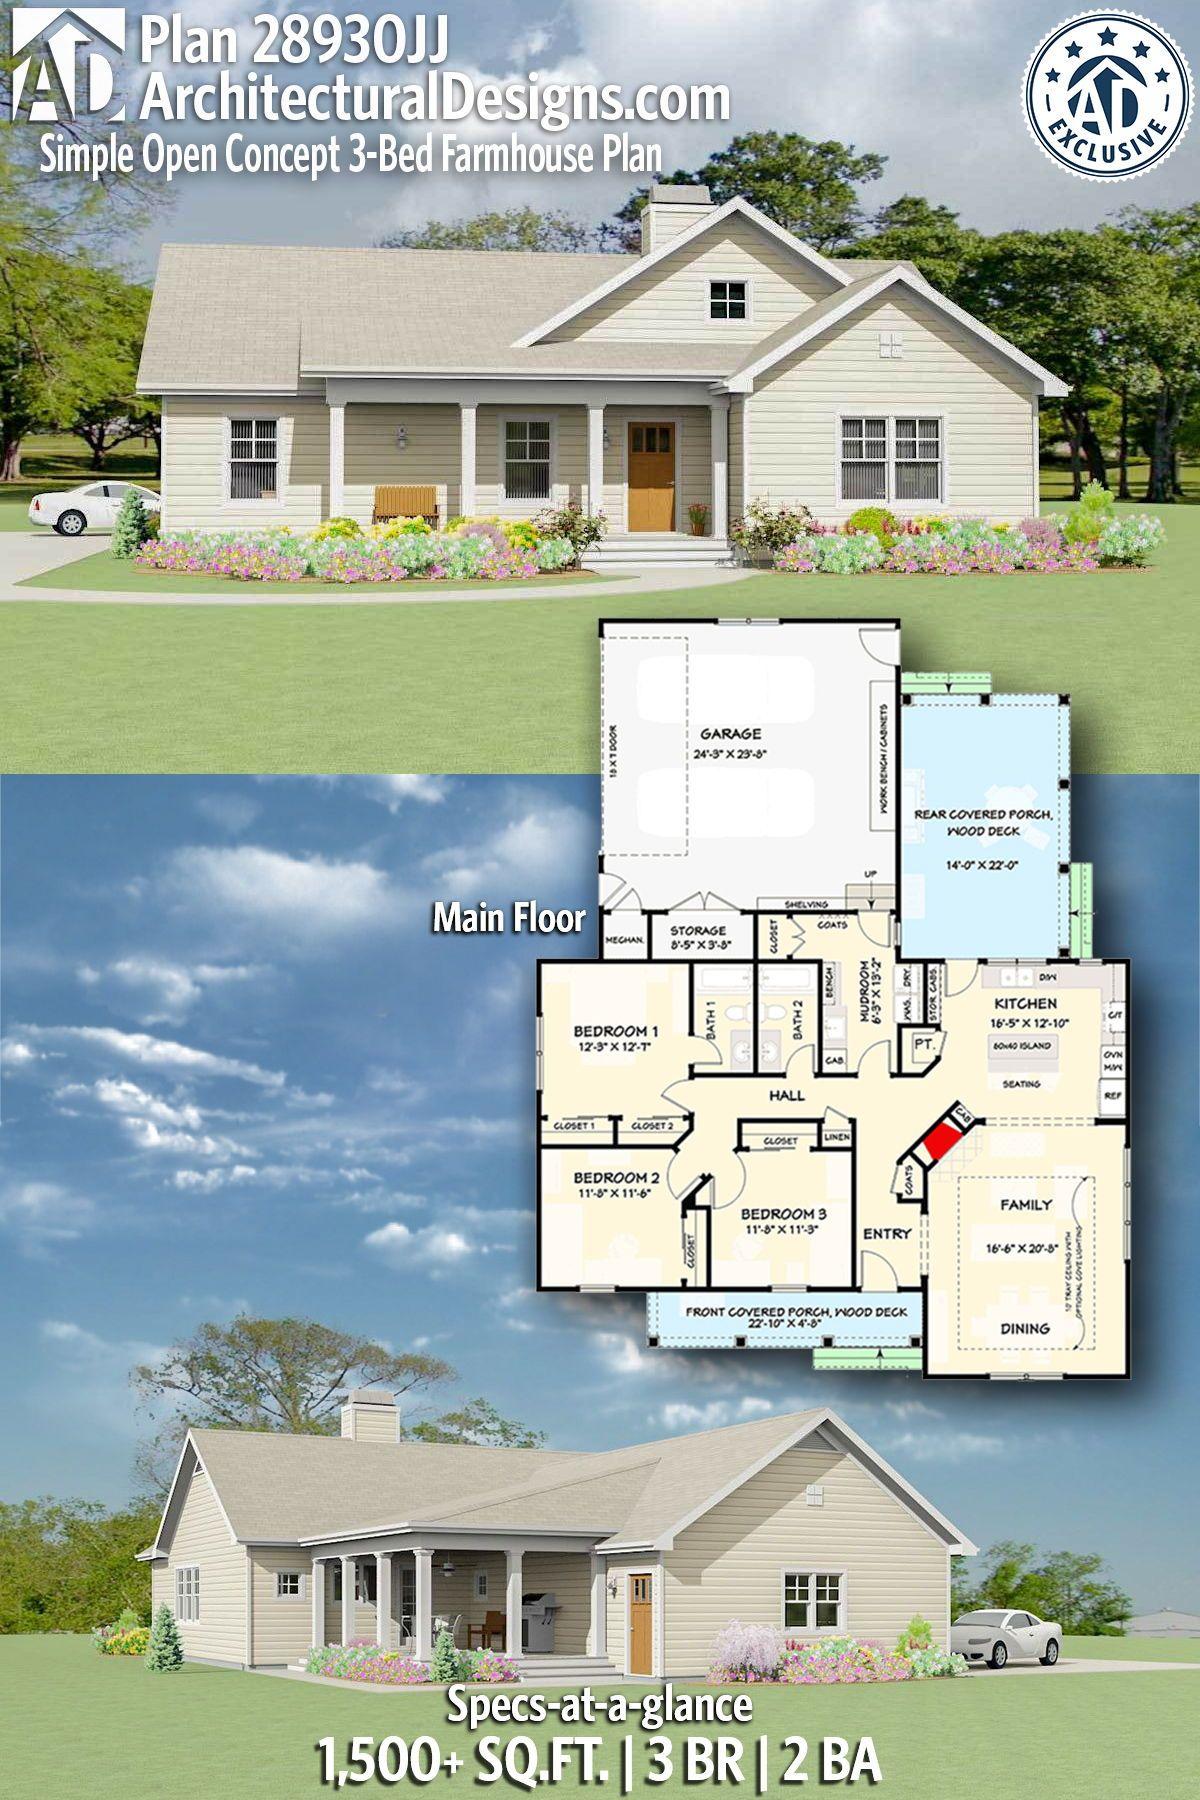 Plan 28930jj Simple Open Concept 3 Bed Farmhouse Plan Farmhouse Plans Small Farmhouse Plans Dream House Plans